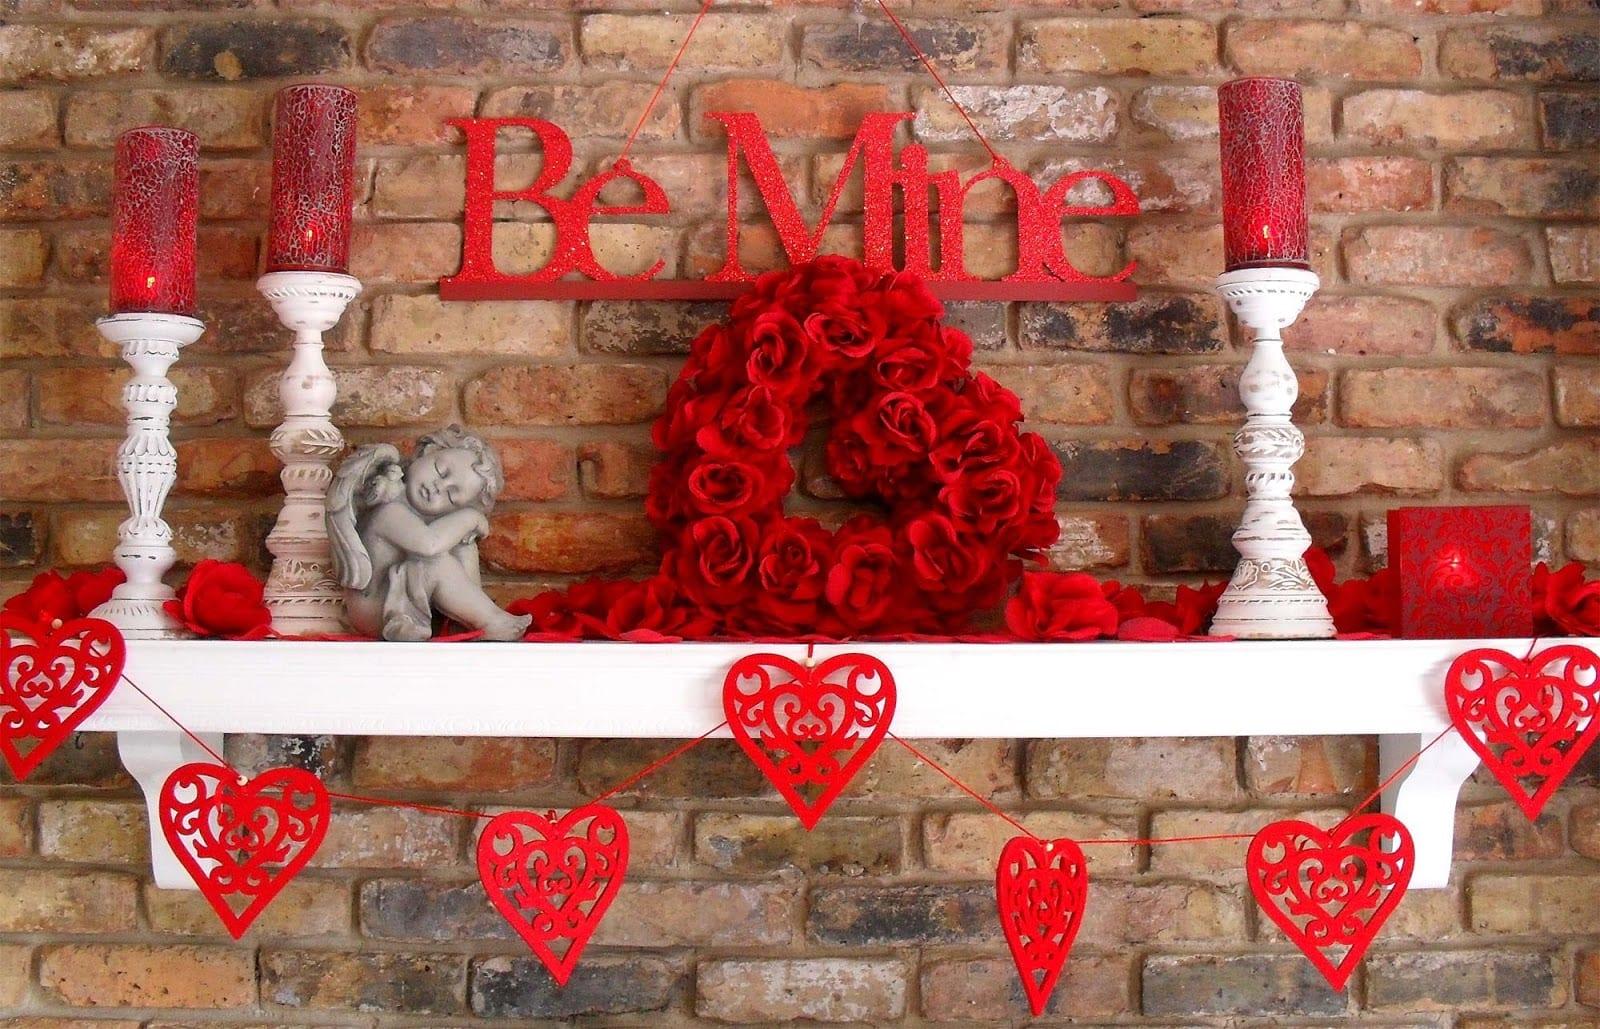 Coole Valentinstag Deko Mit Kerzen Freshouse